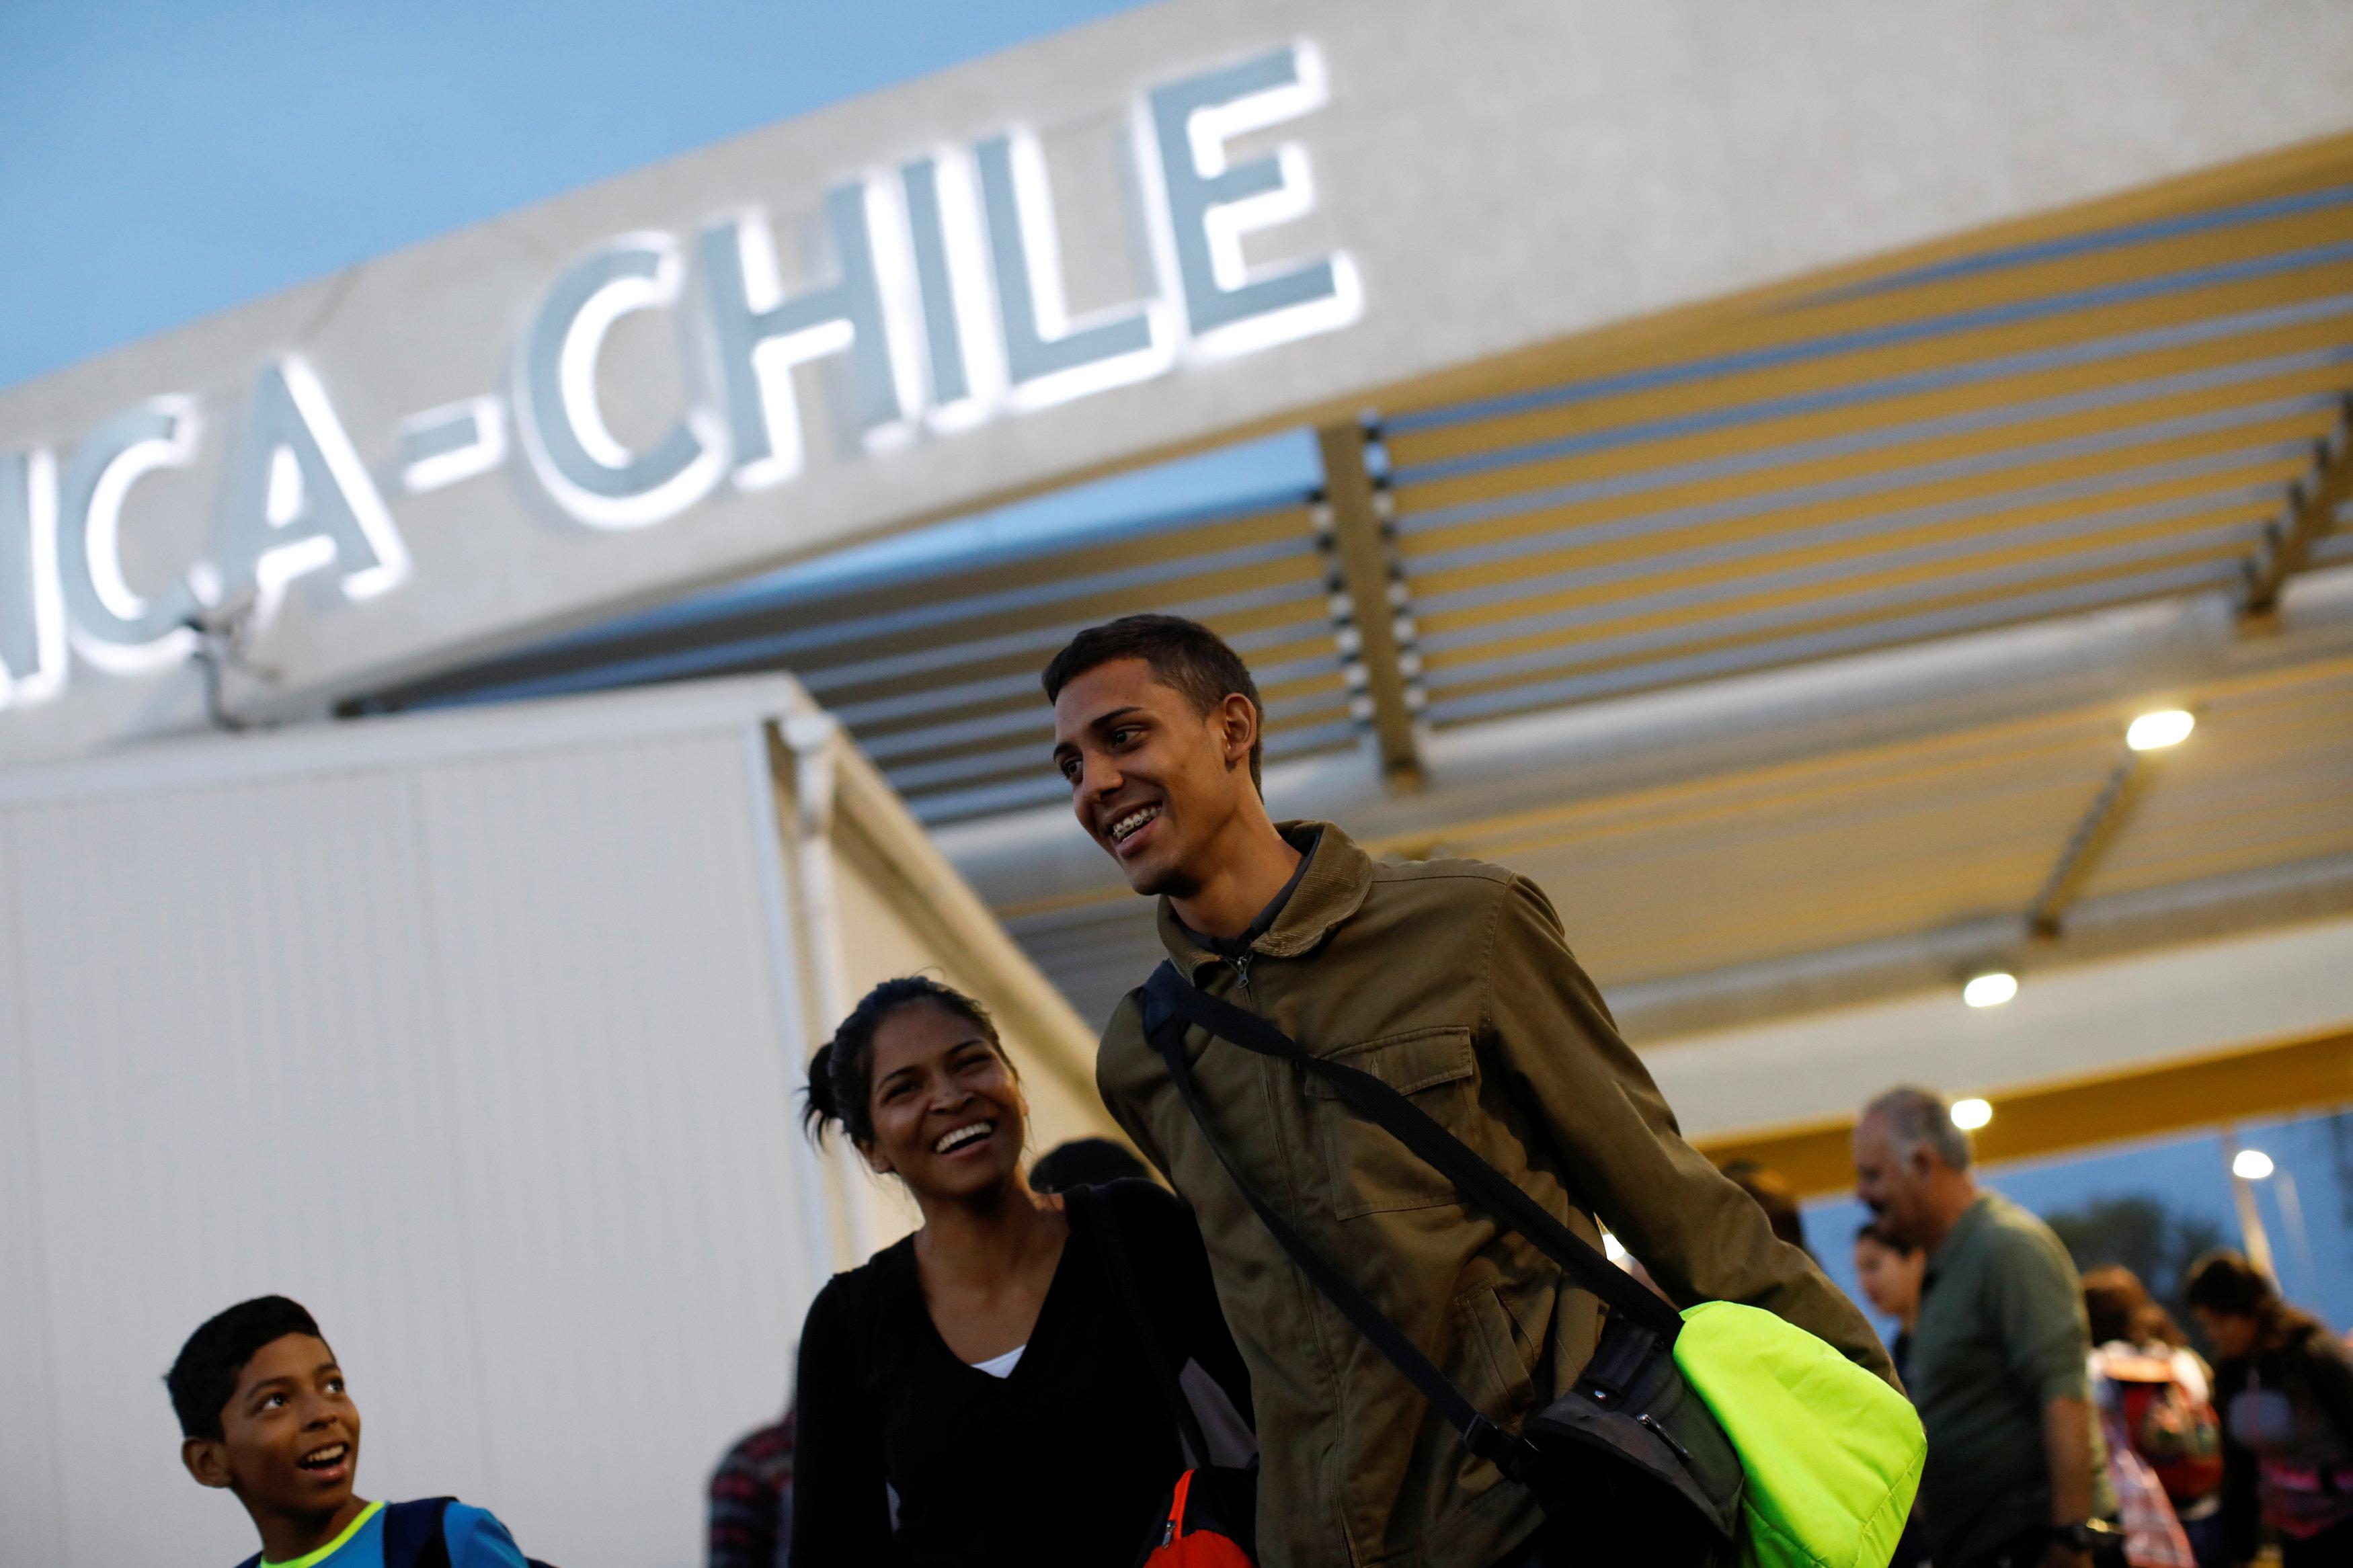 """Adrián Naveda, Alejandra Rodríguez y su sobrino David Vargas (RL), viajando en autobús desde Caracas a Chile, sonríen después de cruzar la frontera entre Perú y Chile en la oficina de migración en Arica, Chile, el 13 de noviembre de 2017. Llegar a Chile fue el objetivo, pero todos estaban un poco preocupados, porque sabían que esta era la frontera donde las autoridades podían hacerles preguntas difíciles. Mientras salían de la oficina de migración en Arica, la felicidad y el estado de ánimo de """"¡Lo logramos!"""" se hizo cargo, a pesar de que todavía tenían dos días más en el camino delante de ellos. REUTERS / Carlos Garcia Rawlins BUSCA """"RAWLINS BUS"""" PARA ESTA HISTORIA. BUSCA """"IMAGEN MÁS AMPLIA"""" PARA TODAS LAS HISTORIAS."""